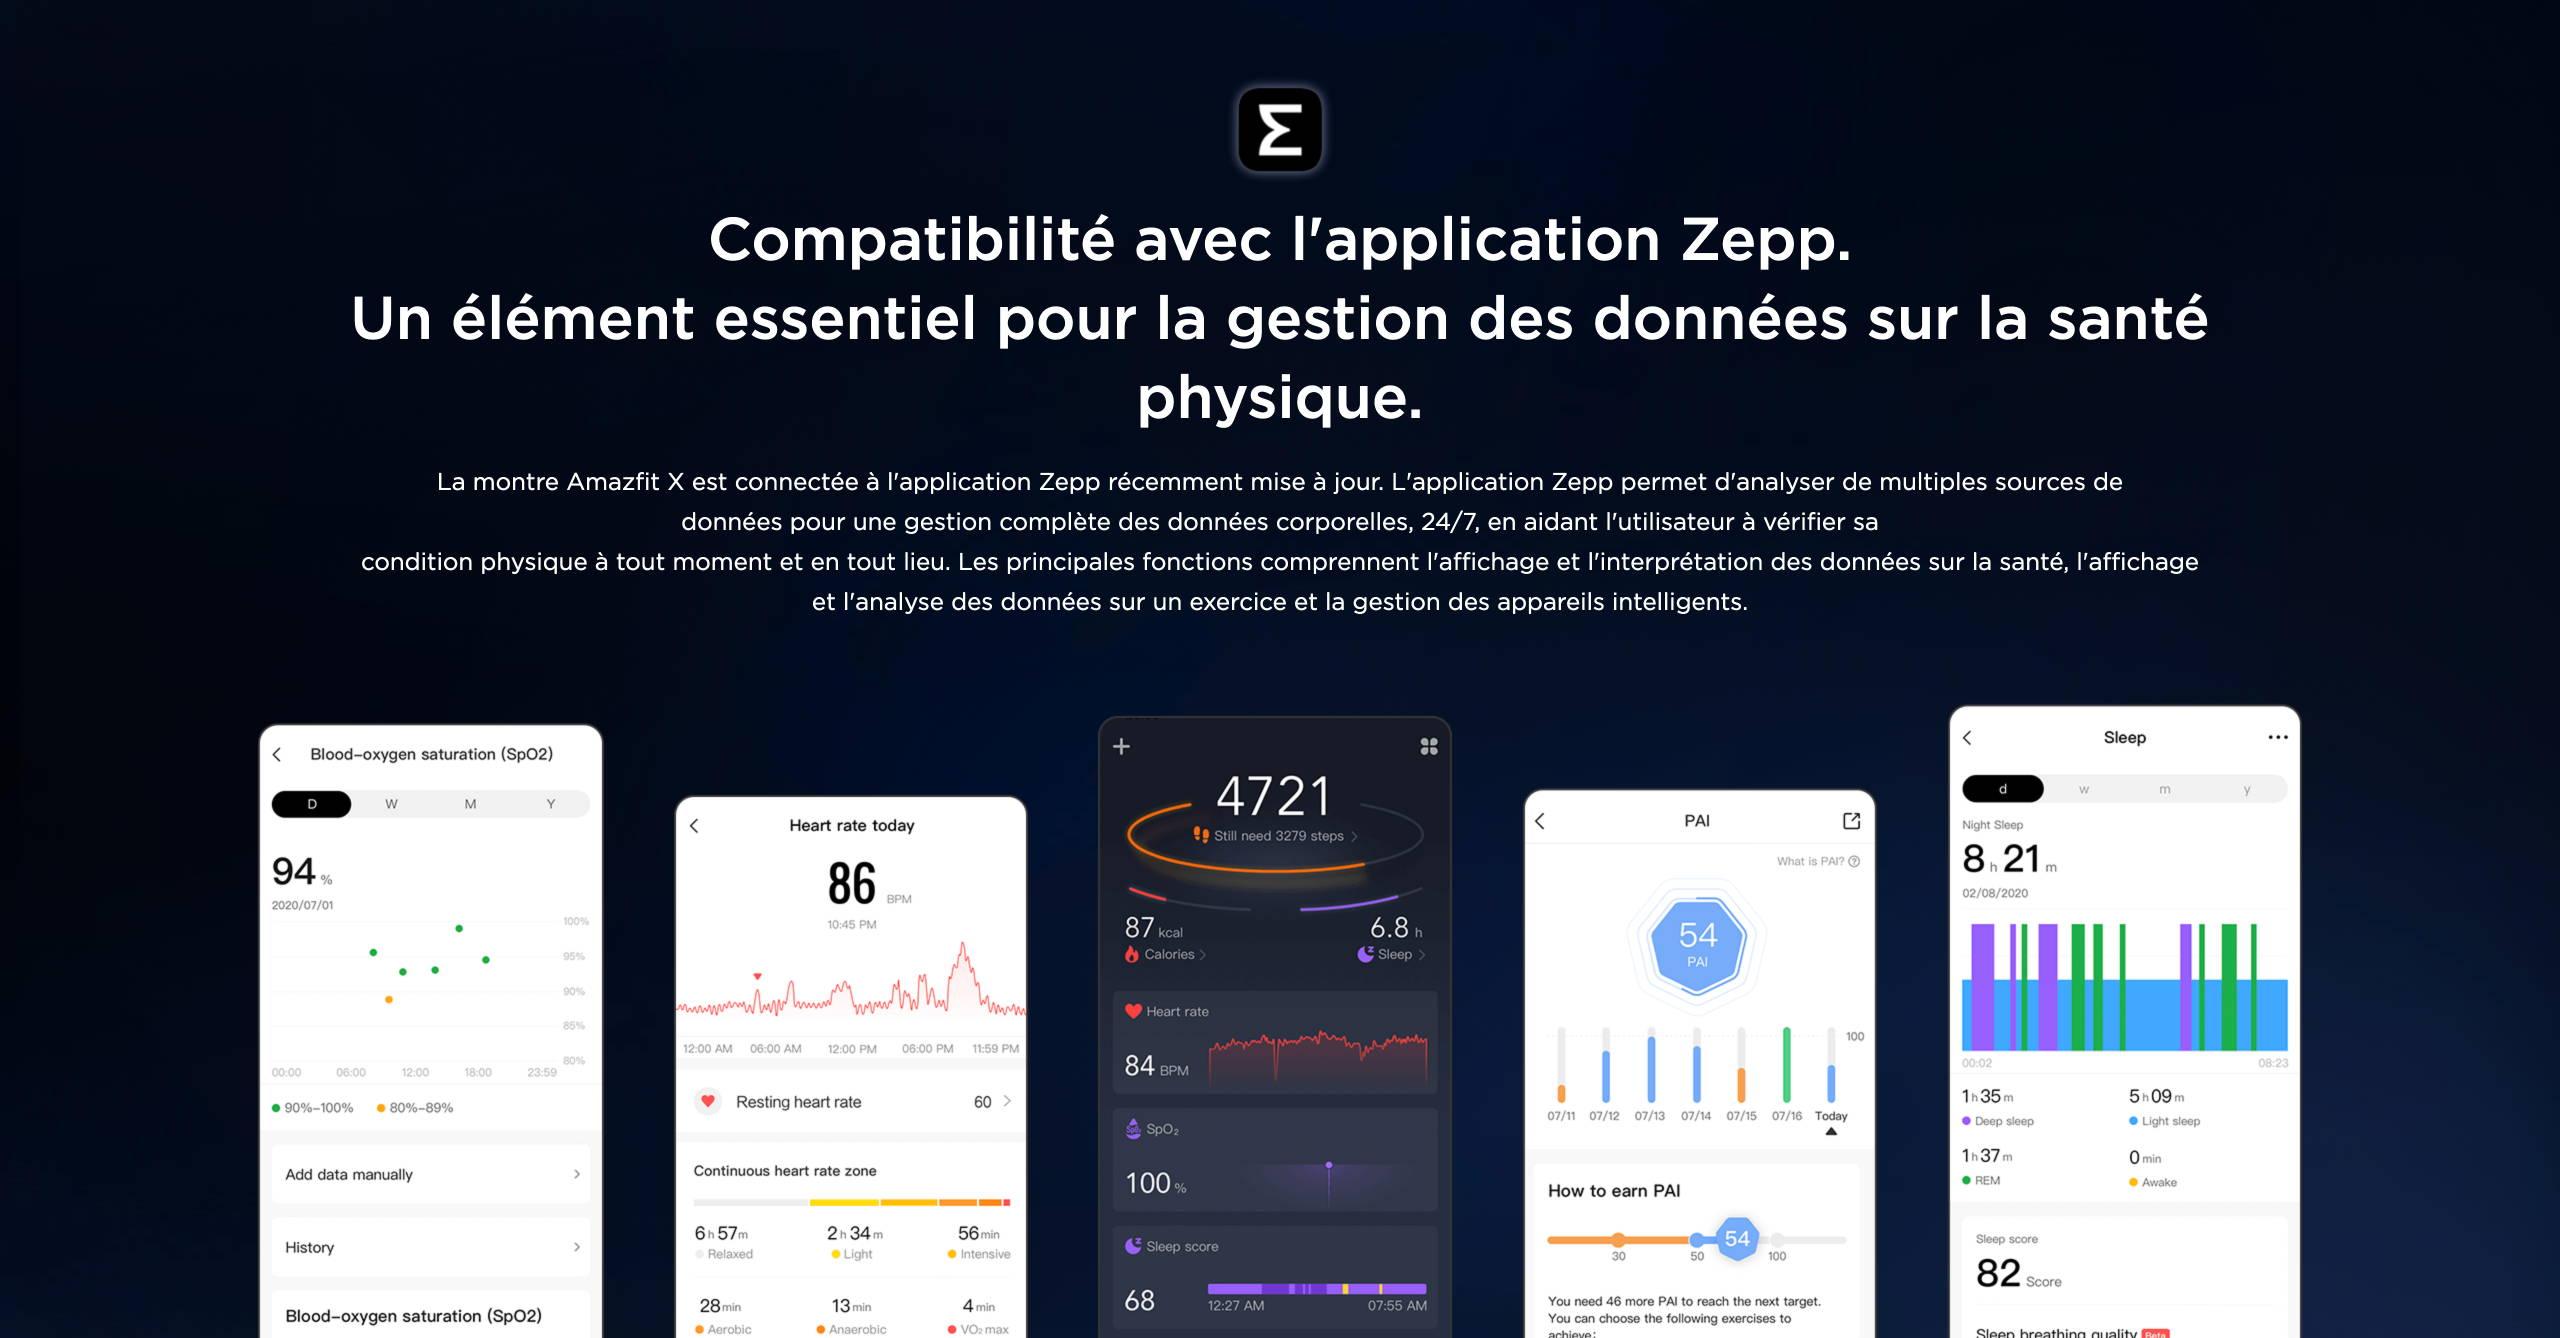 Amazfit X - Compatibilité avec l'application Zepp. Un élément essentiel pour la gestion des données sur la santé physique.